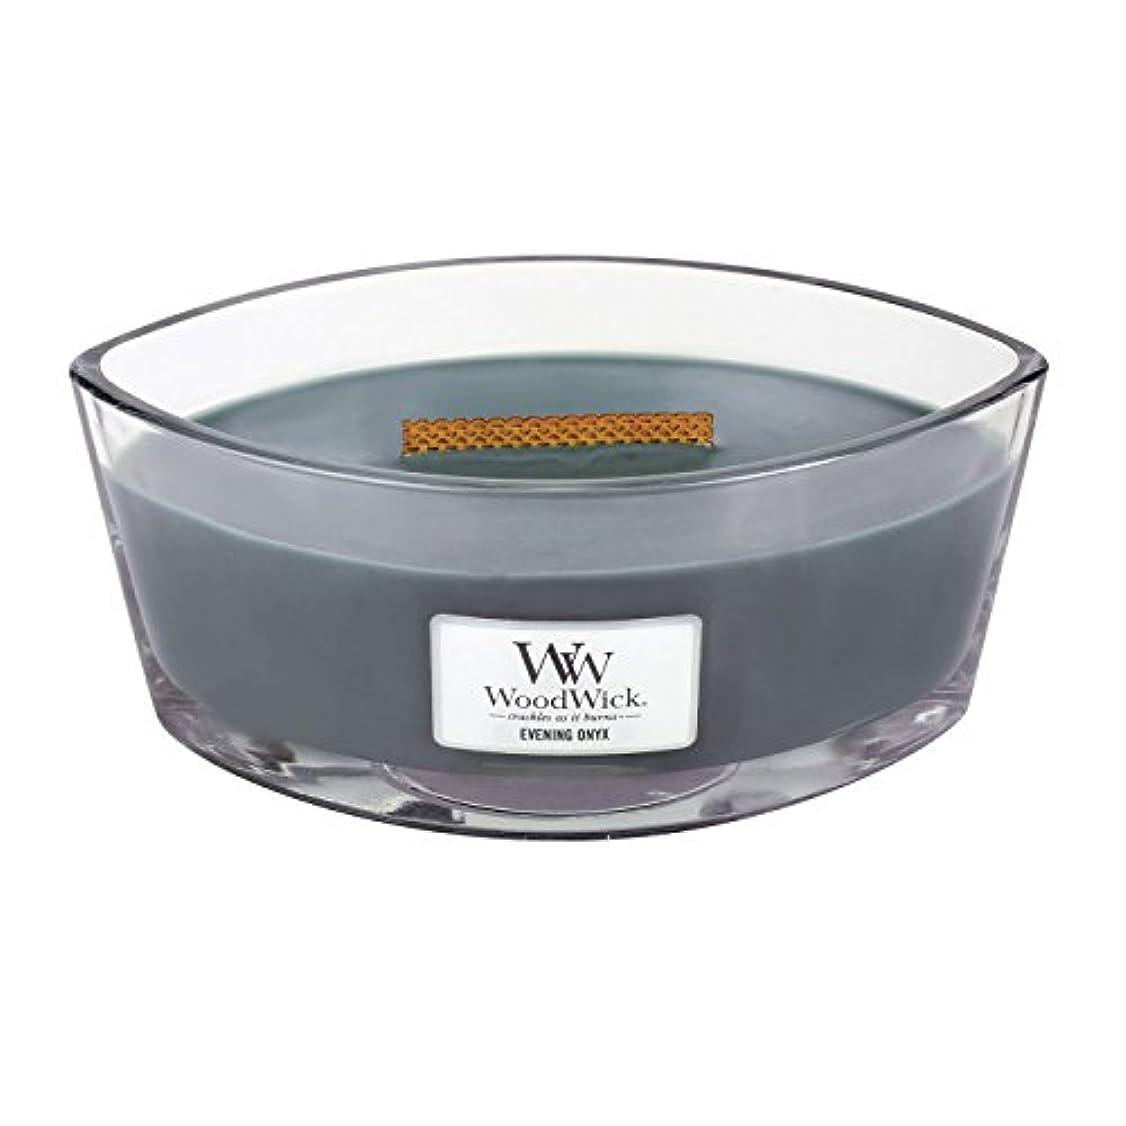 未使用コンセンサスフィールドWoodWick EVENING ONYX, Highly Scented Candle, Ellipse Glass Jar with Original HearthWick Flame, Large 18cm, 470ml